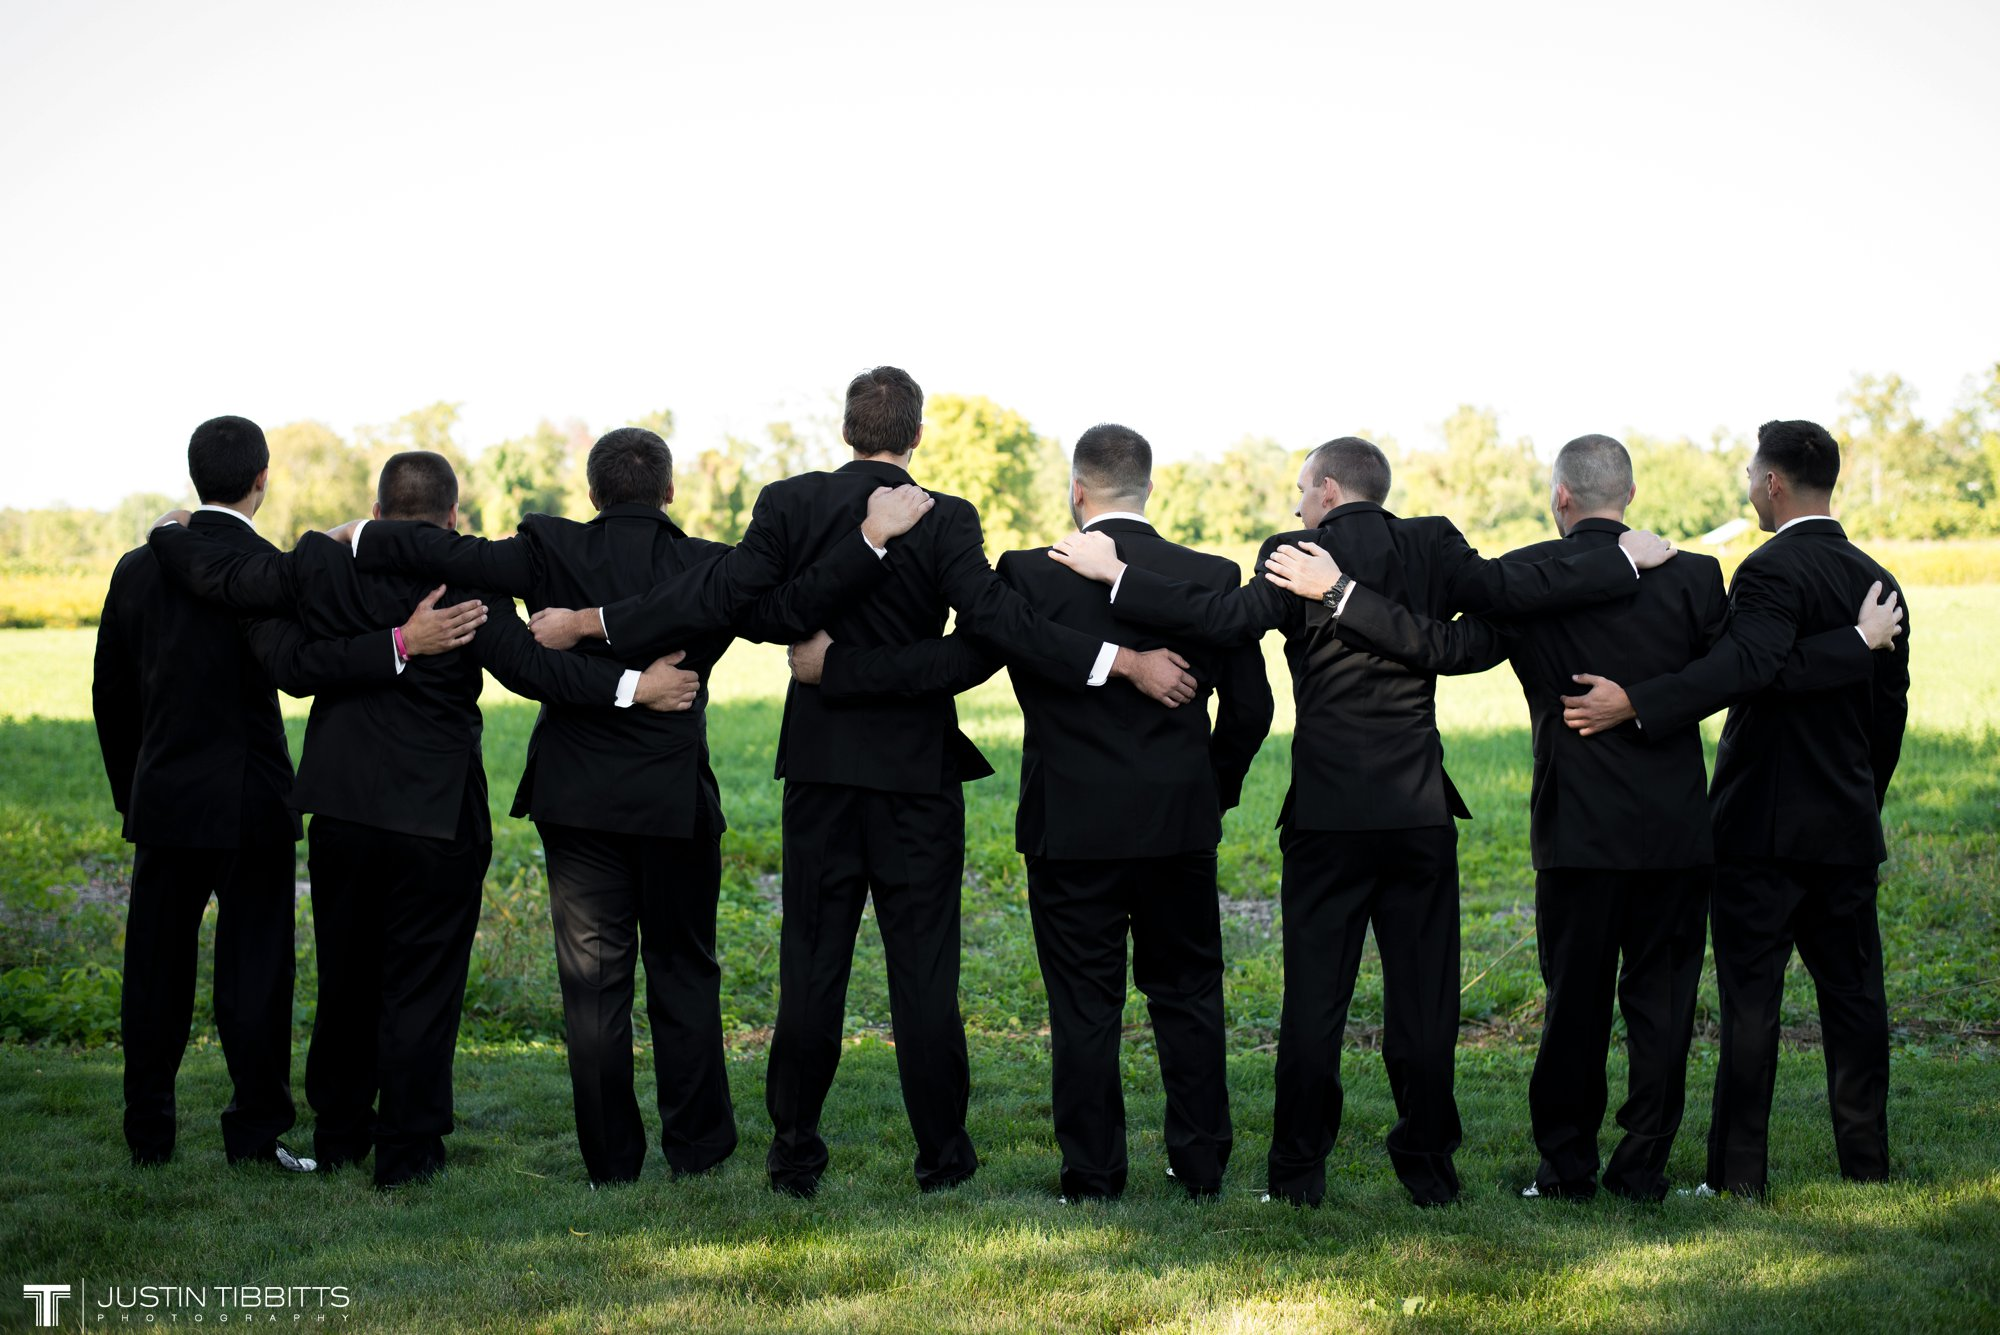 Albany NY Wedding Photographer Justin Tibbitts Photography 2014 Best of Albany NY Weddings-373732